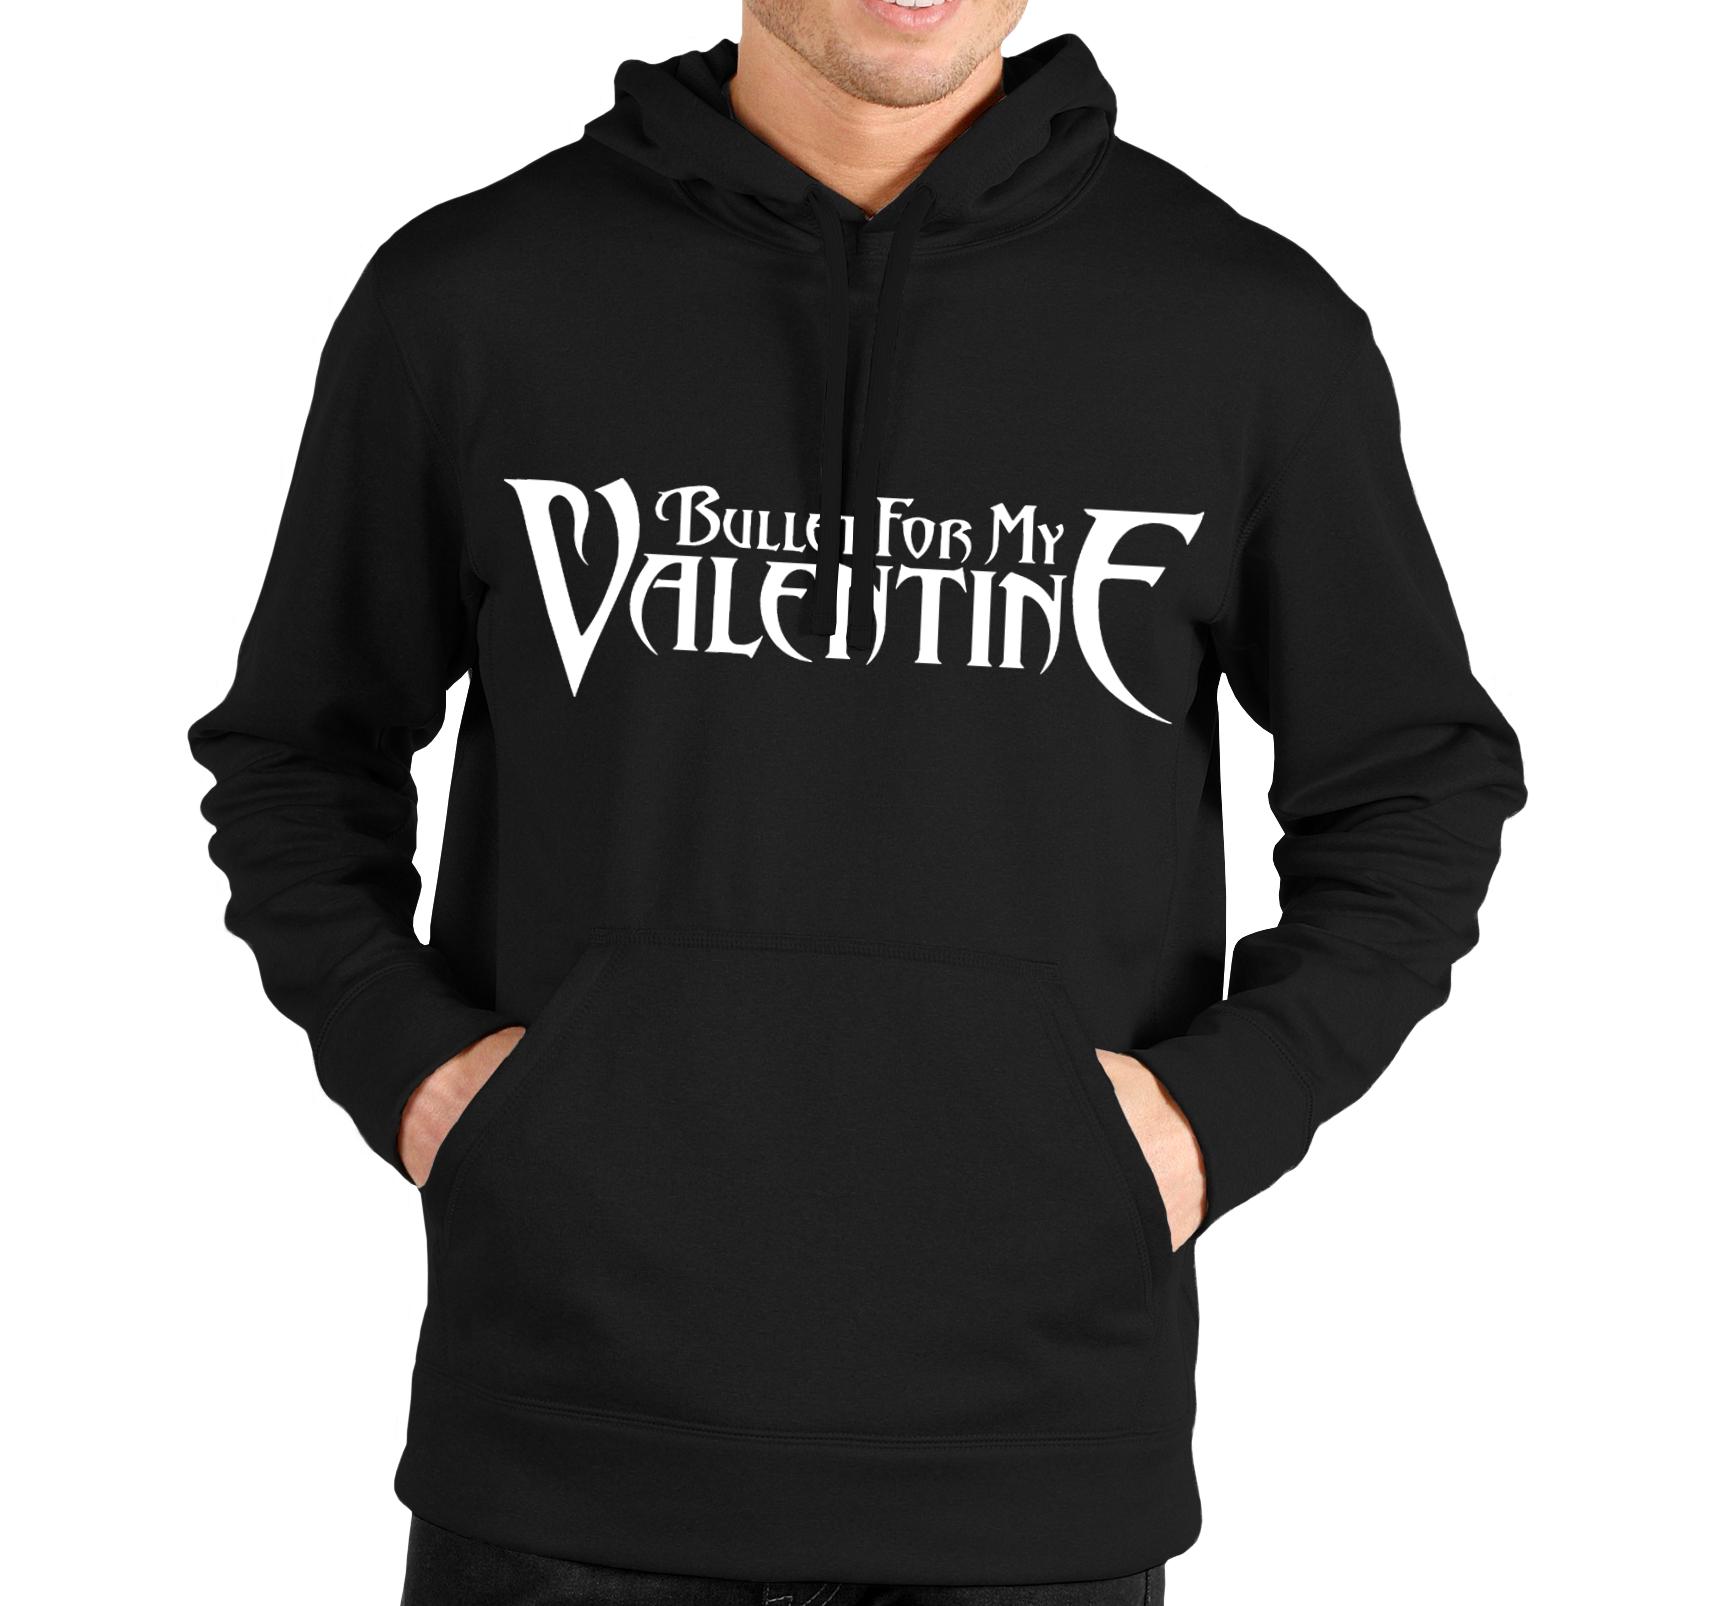 Mikina Bullet For My Valentine Veľkosť: M, Pohlavie: Čierna